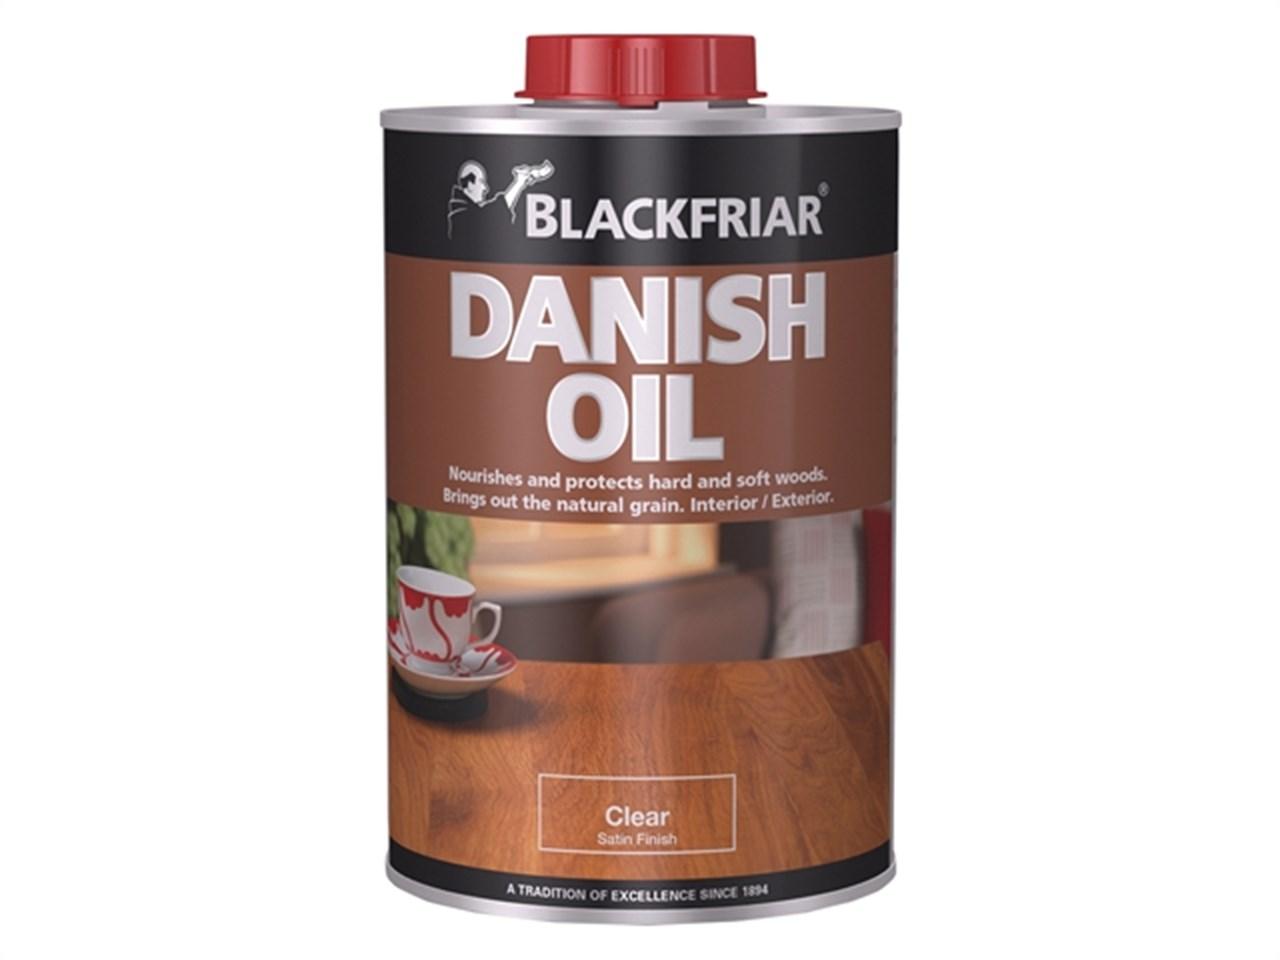 Blackfriars Danish Oil 1 Litre